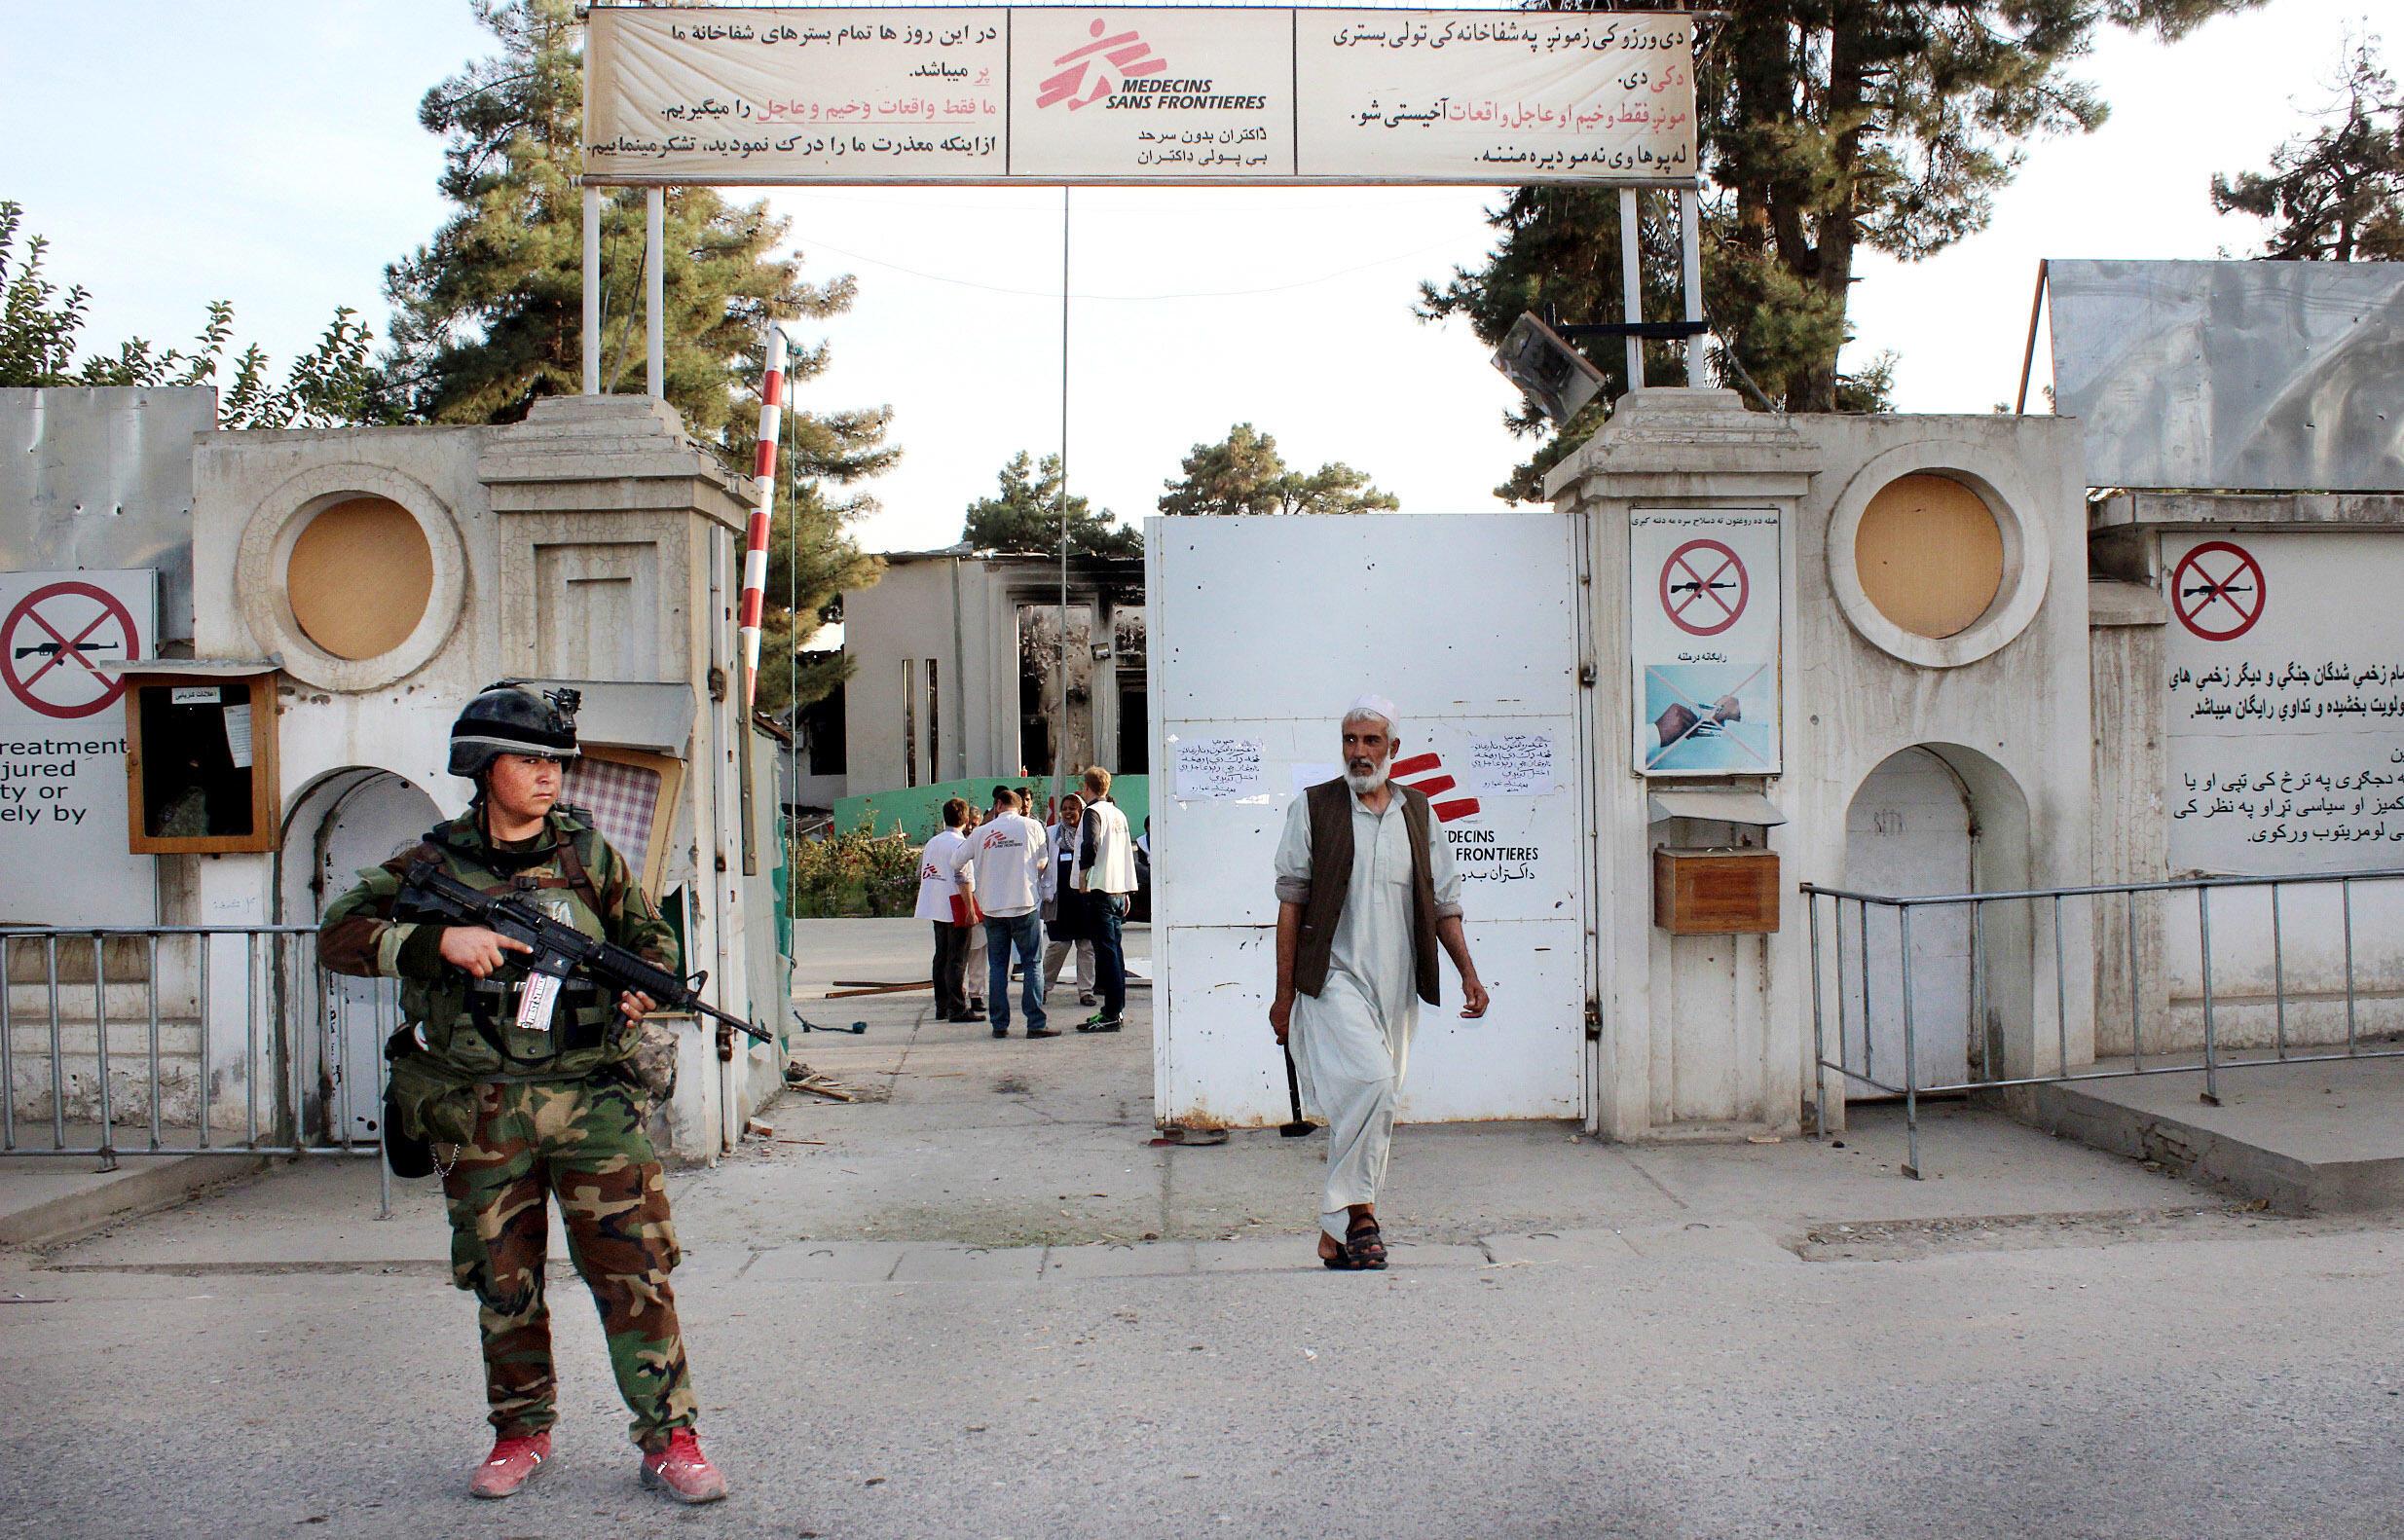 Американская авиация разбомбила больницу«Врачей без границ»вафганском городе Кундузе. Вскоре после бомбежки. Фото 15.10.2015